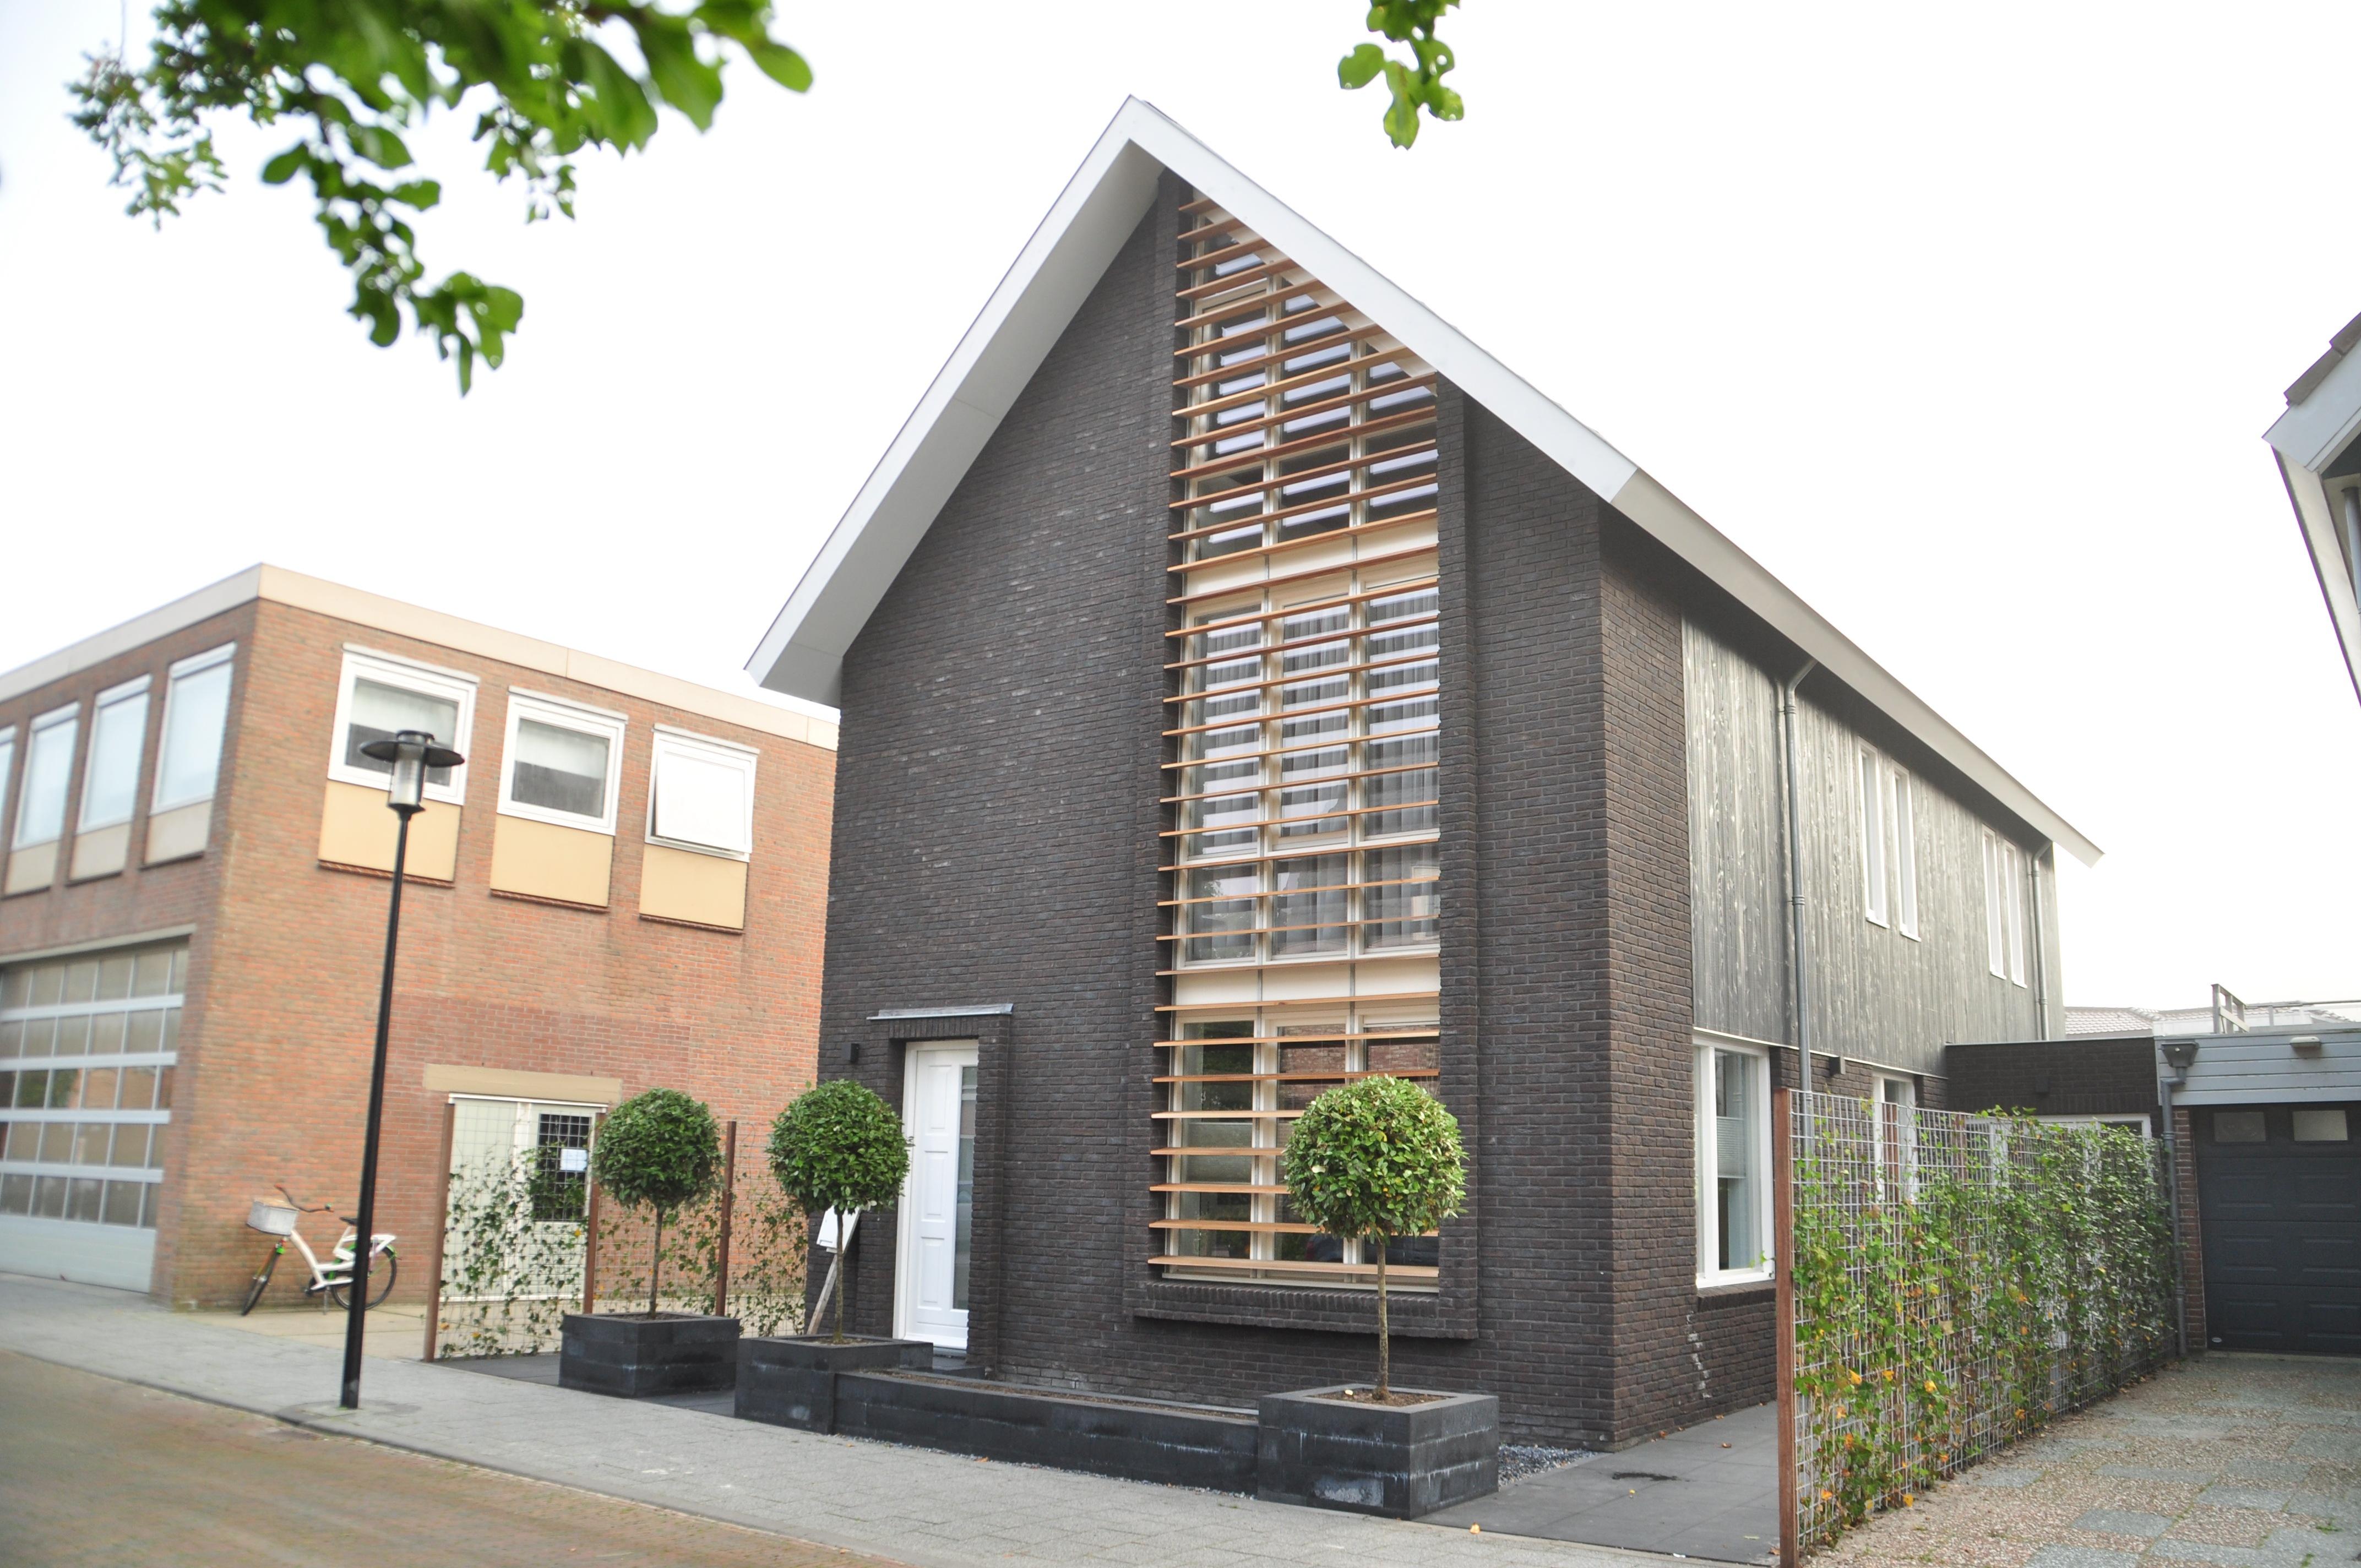 Verbouw jaren 70 zadeldak woning schagen moderne woning nico dekker ontwerp bouwkunde - Ontwerp jaren ...